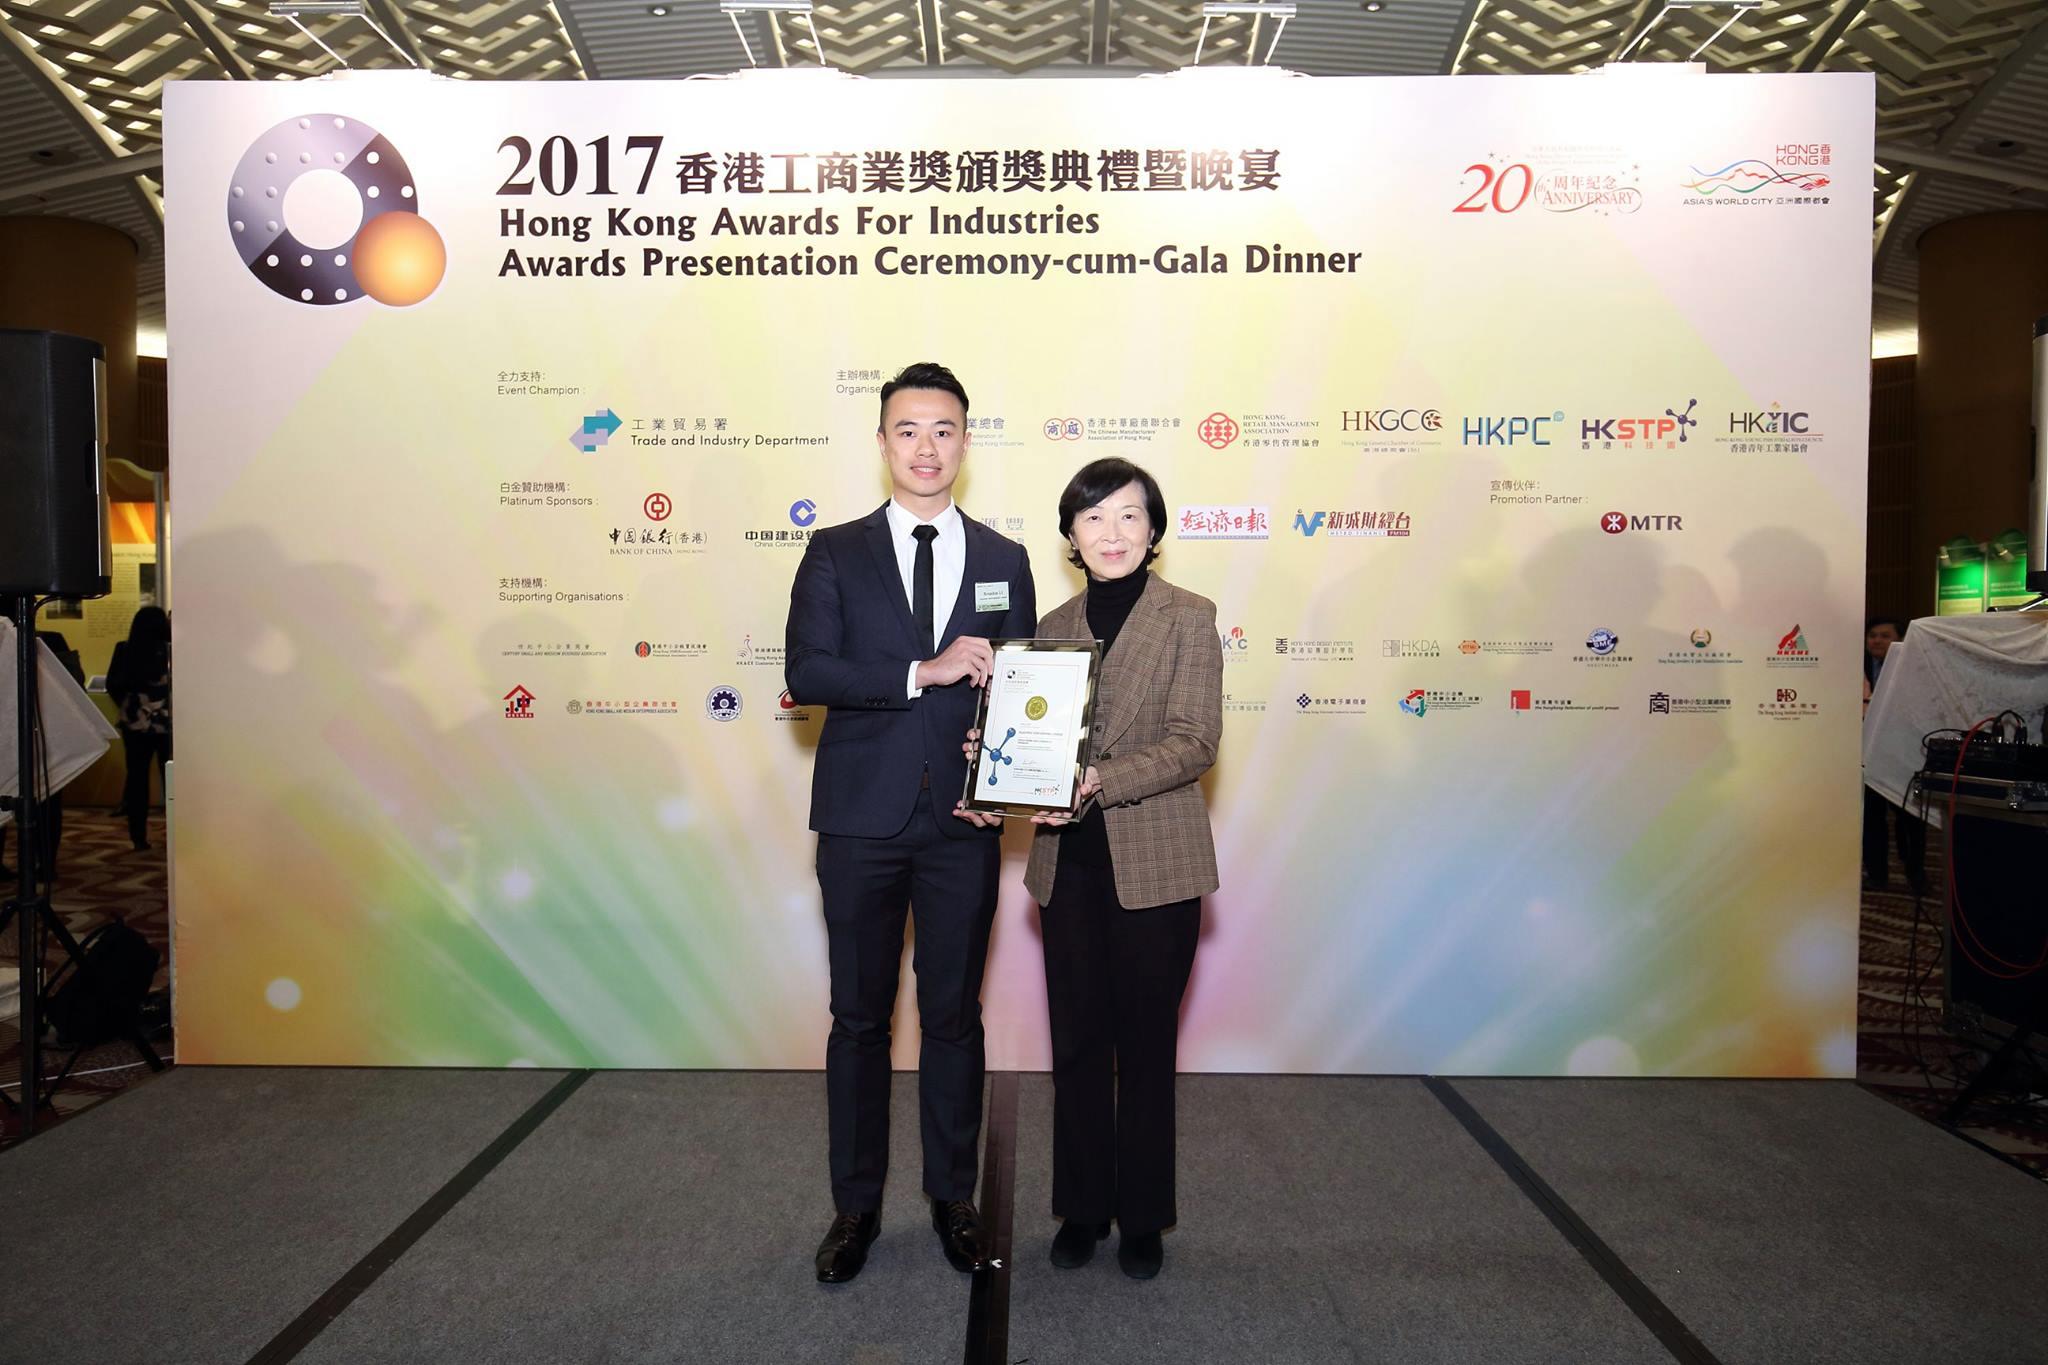 Austreme荣获「2017香港工商业奖」的「科技成就优异奖」